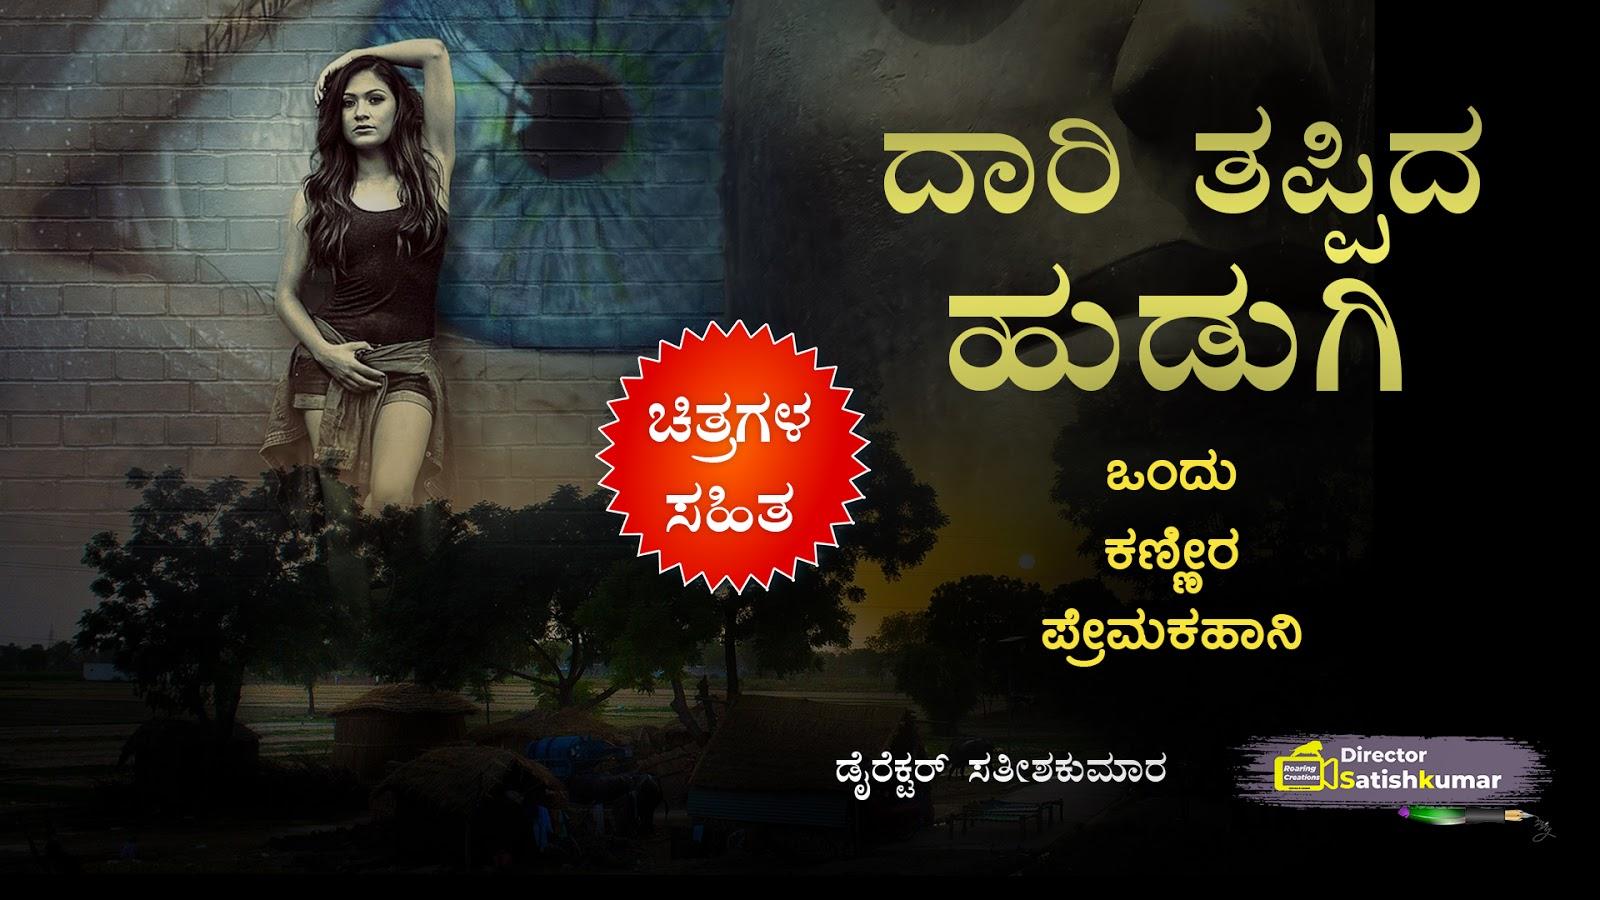 ದಾರಿ ತಪ್ಪಿದ ಹುಡುಗಿ : ಒಂದು ಕಣ್ಣೀರ ಪ್ರೇಮಕಹಾನಿ - Kannada Sad Love Story